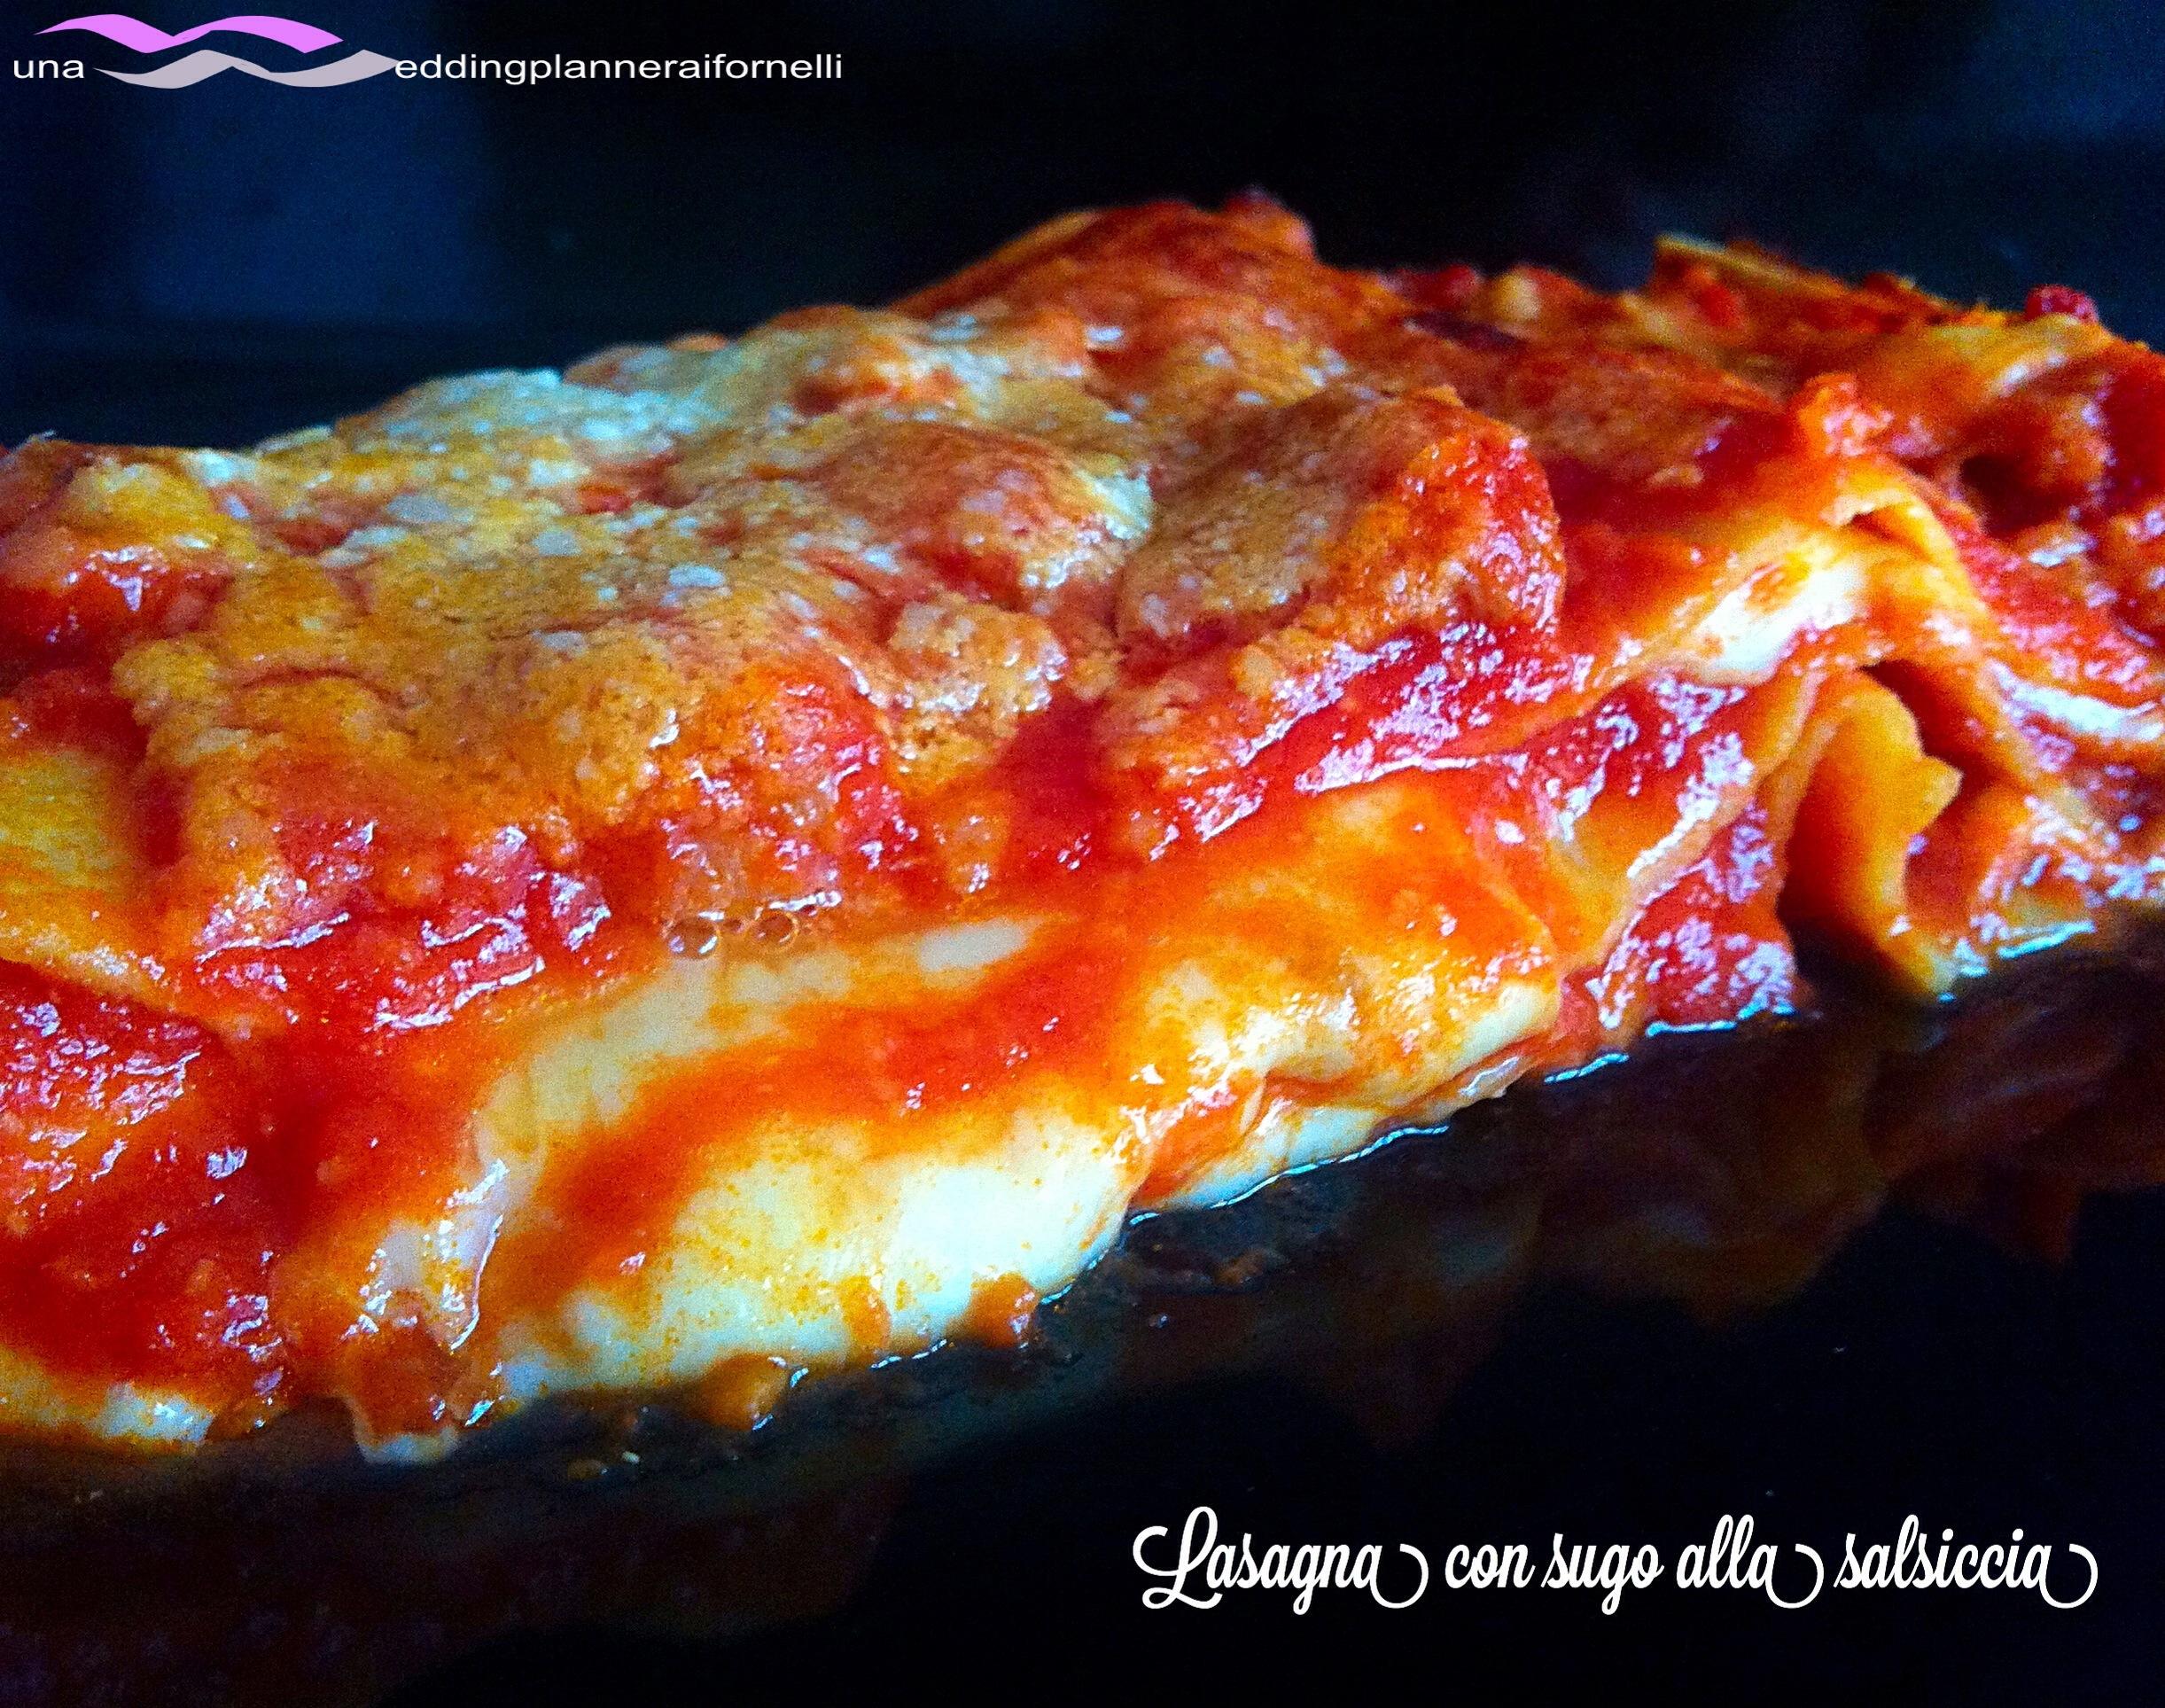 Lasagna con sugo alla salsiccia